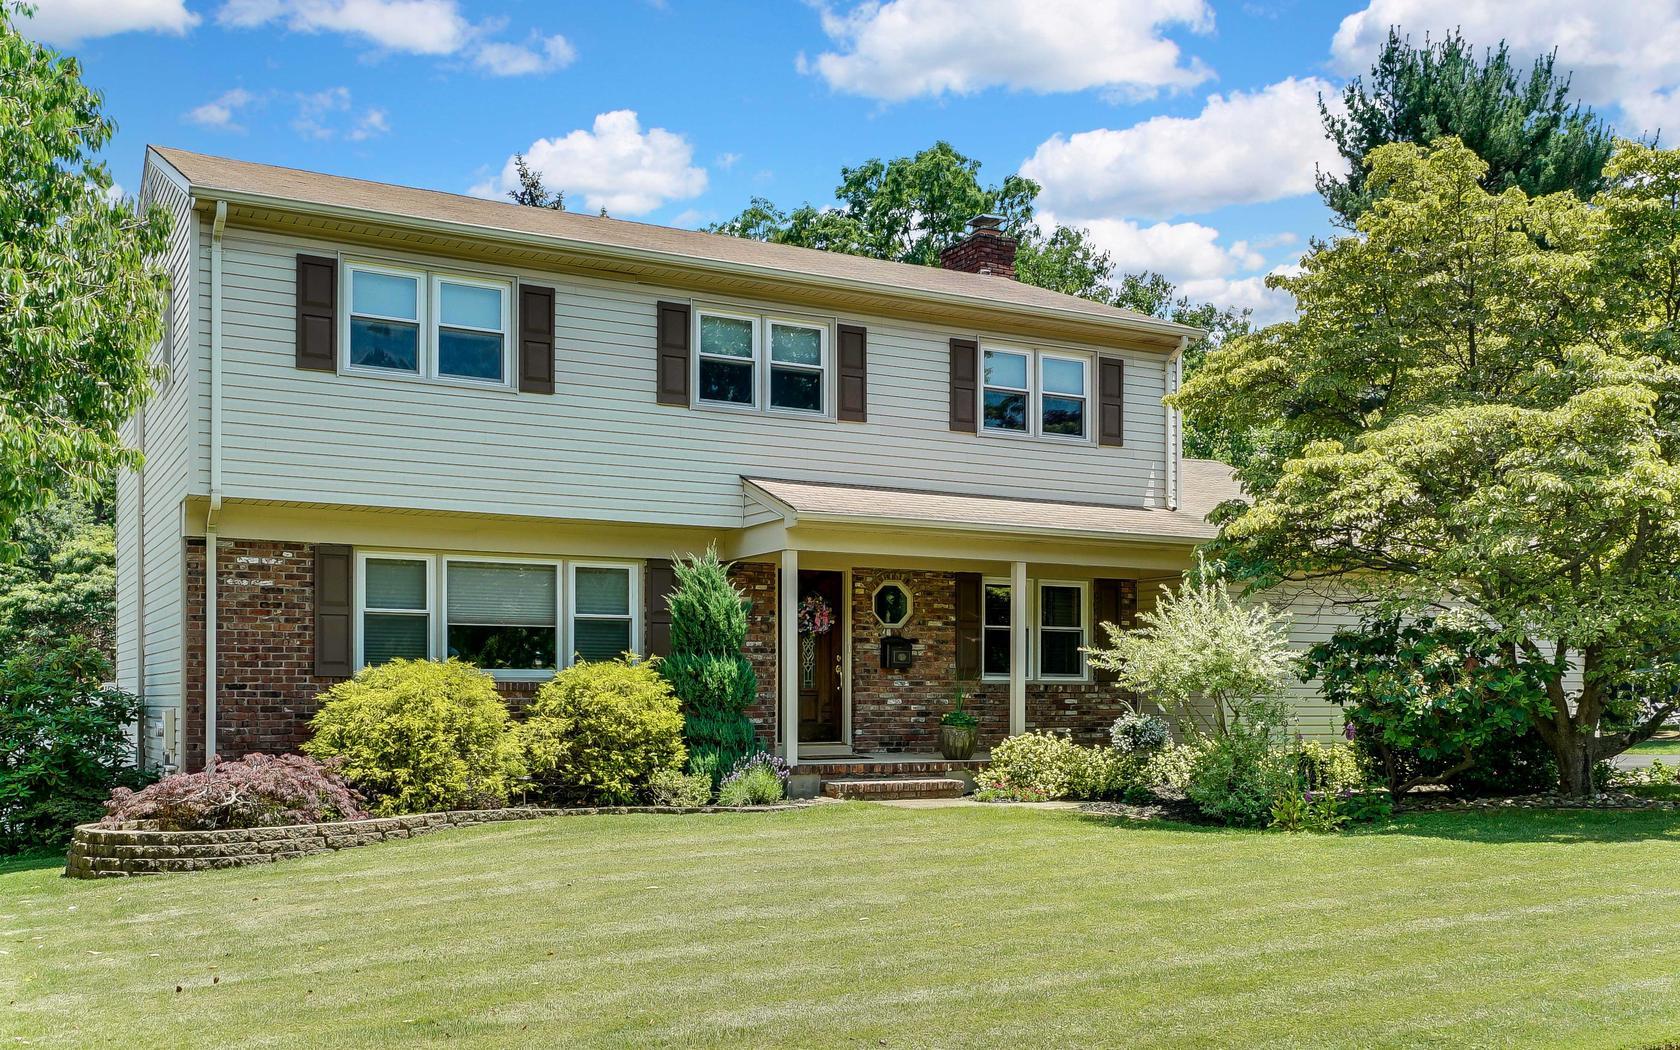 一戸建て のために 売買 アット Beautiful Colonial in Oakhurst! 45 Heath Avenue Ocean, ニュージャージー, 07755 アメリカ合衆国